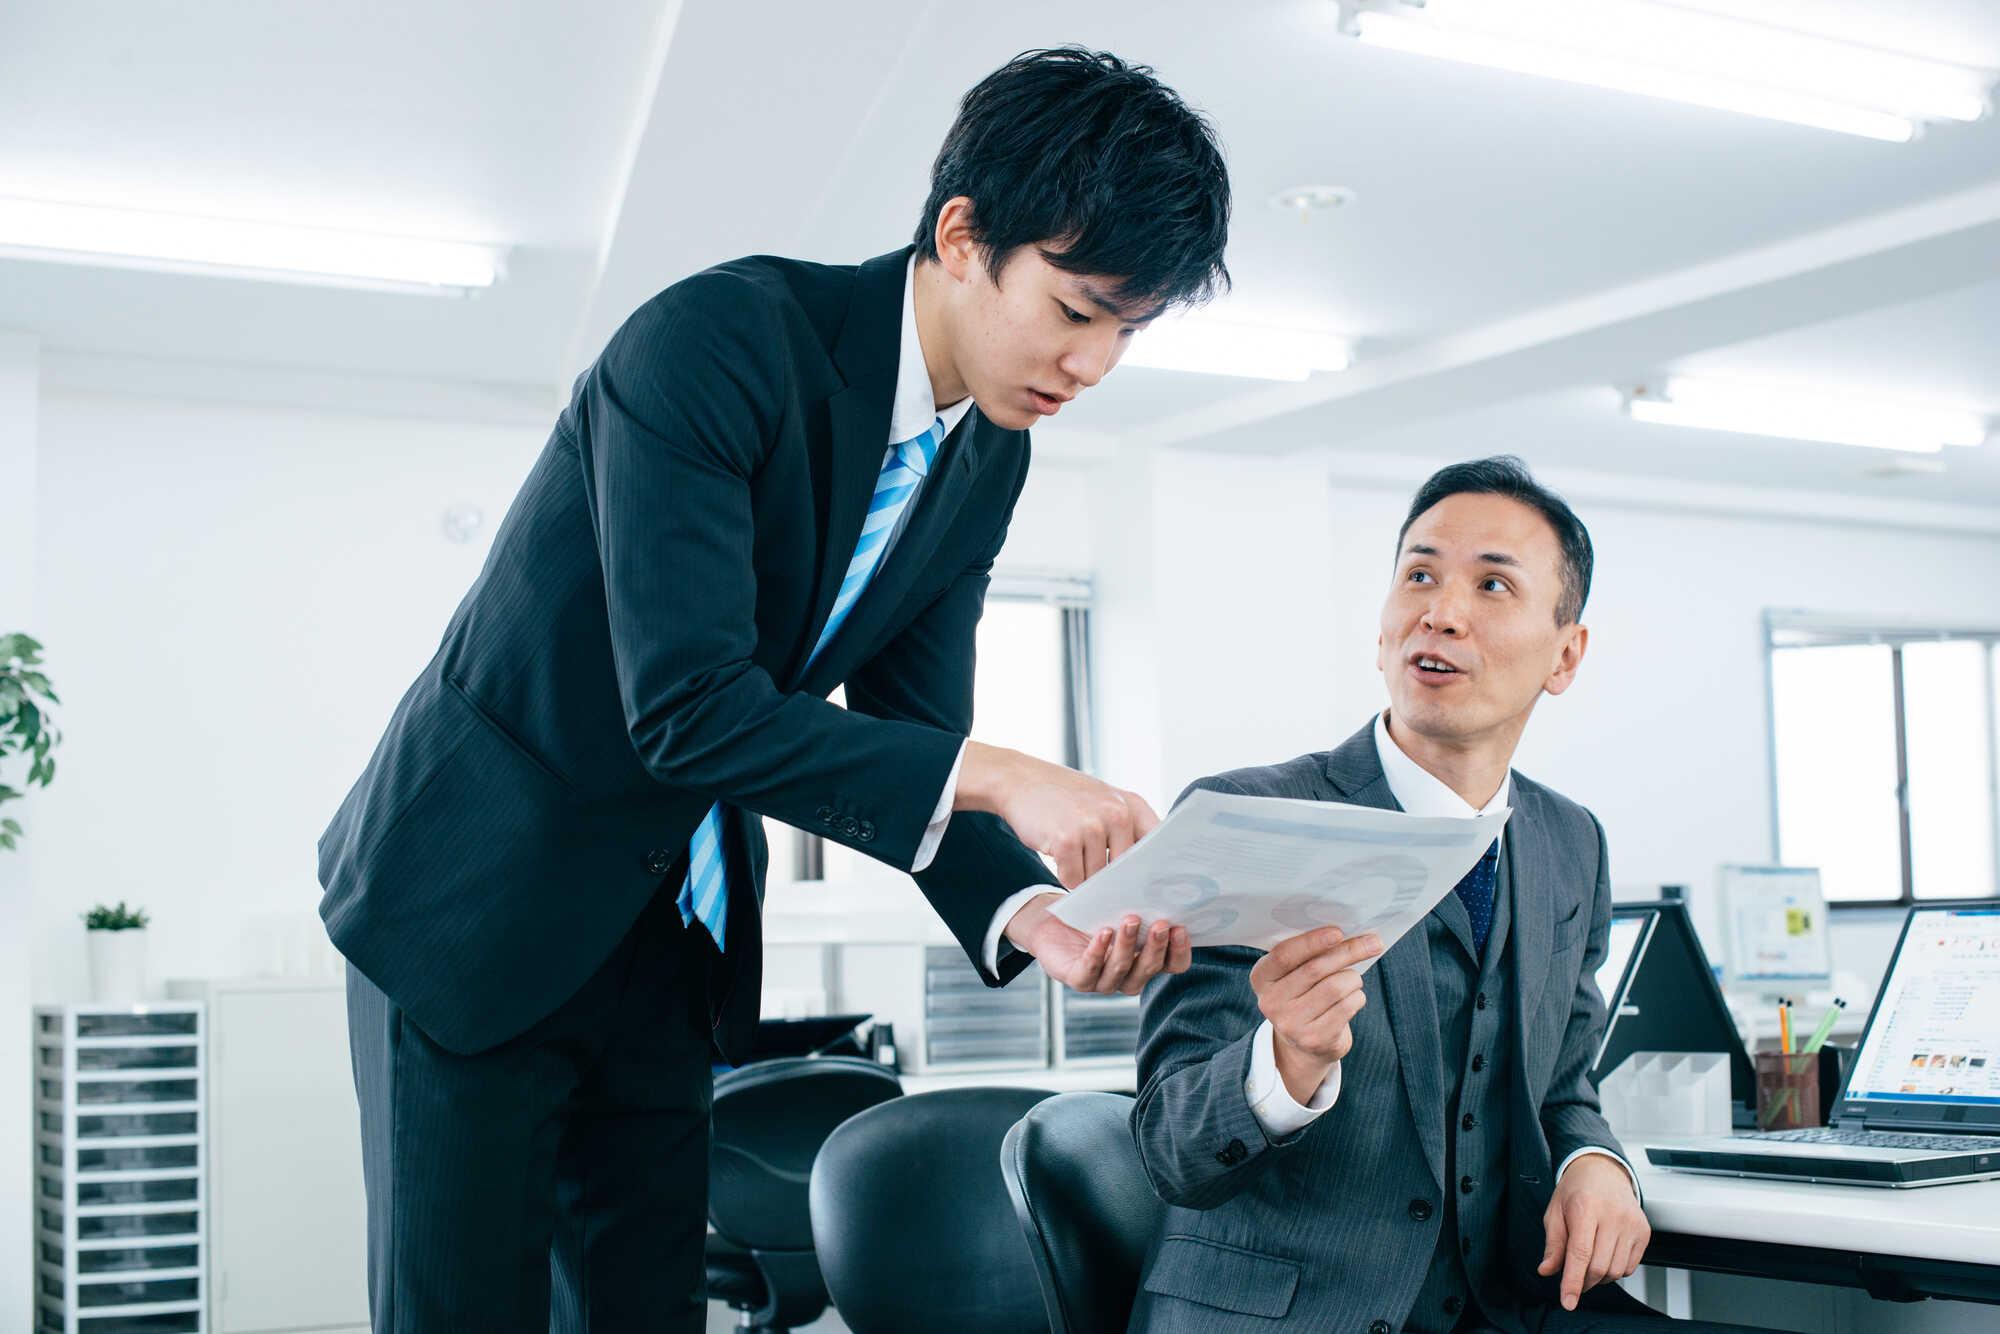 若手社員を指導・教育する上司